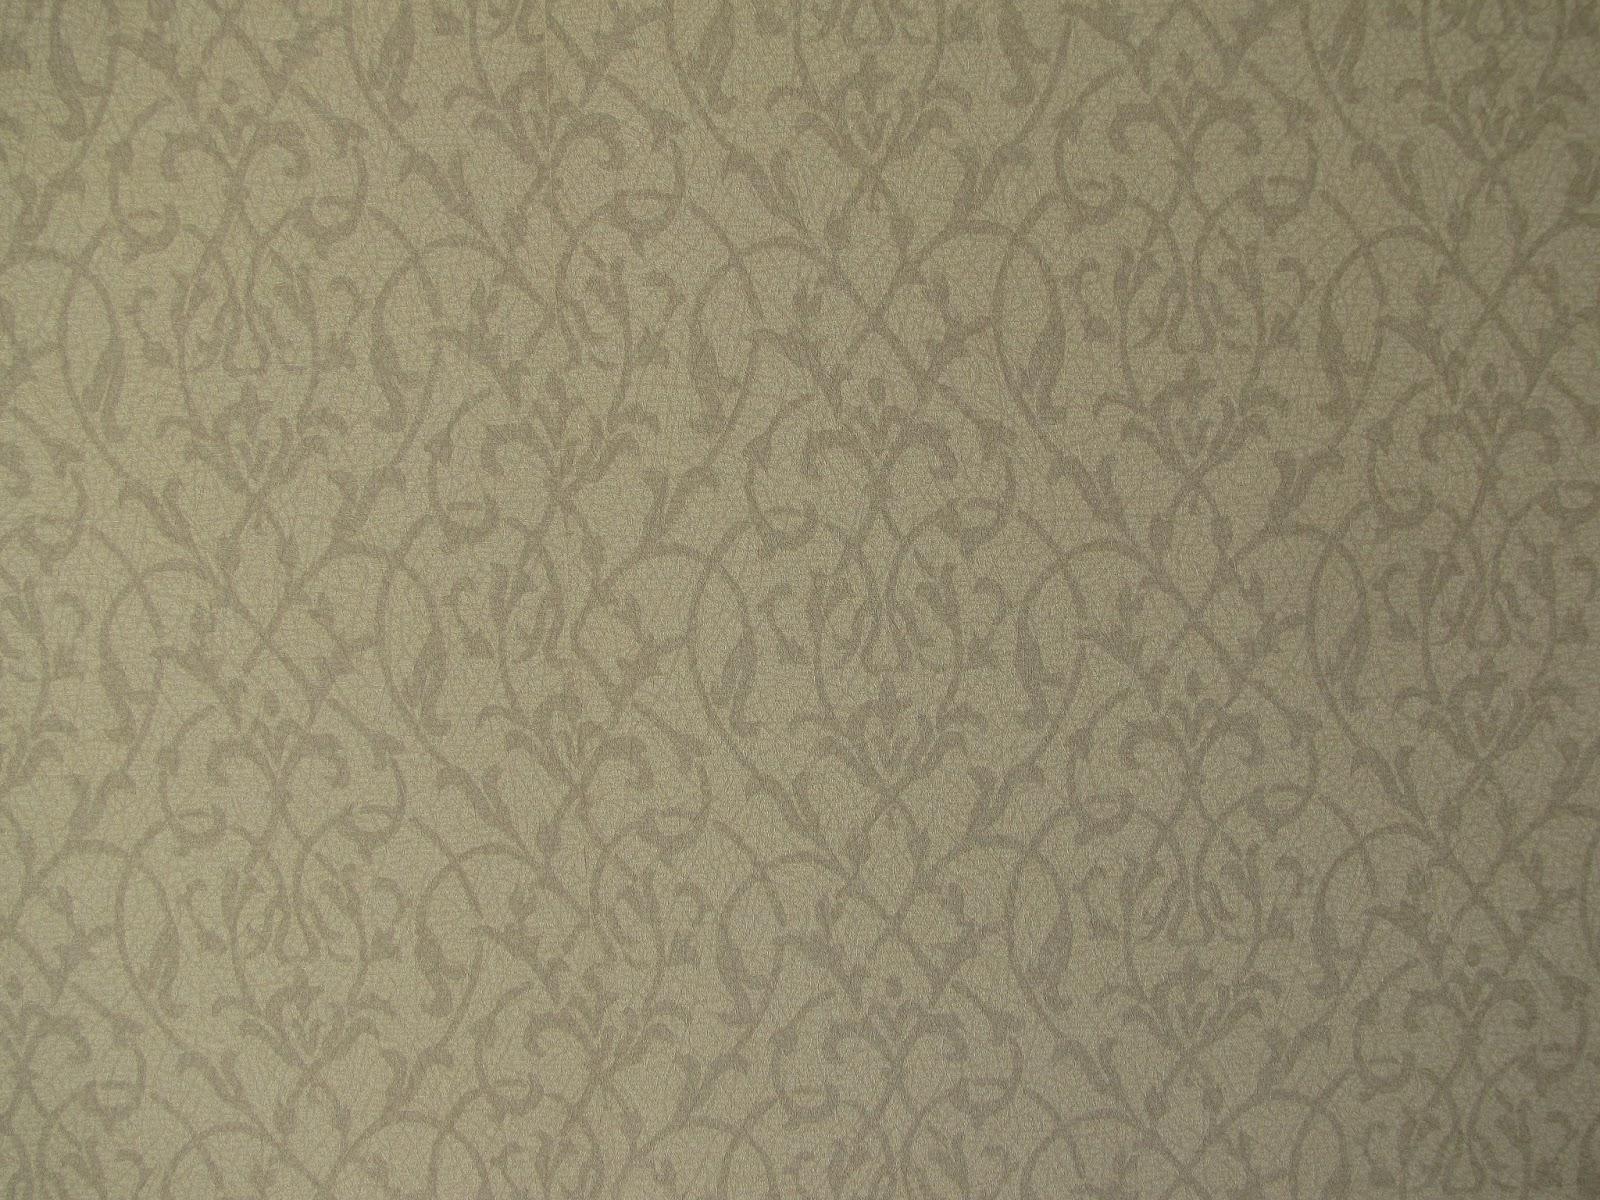 20170303161715 textura em parede de quarto feminino - Textura de pared ...